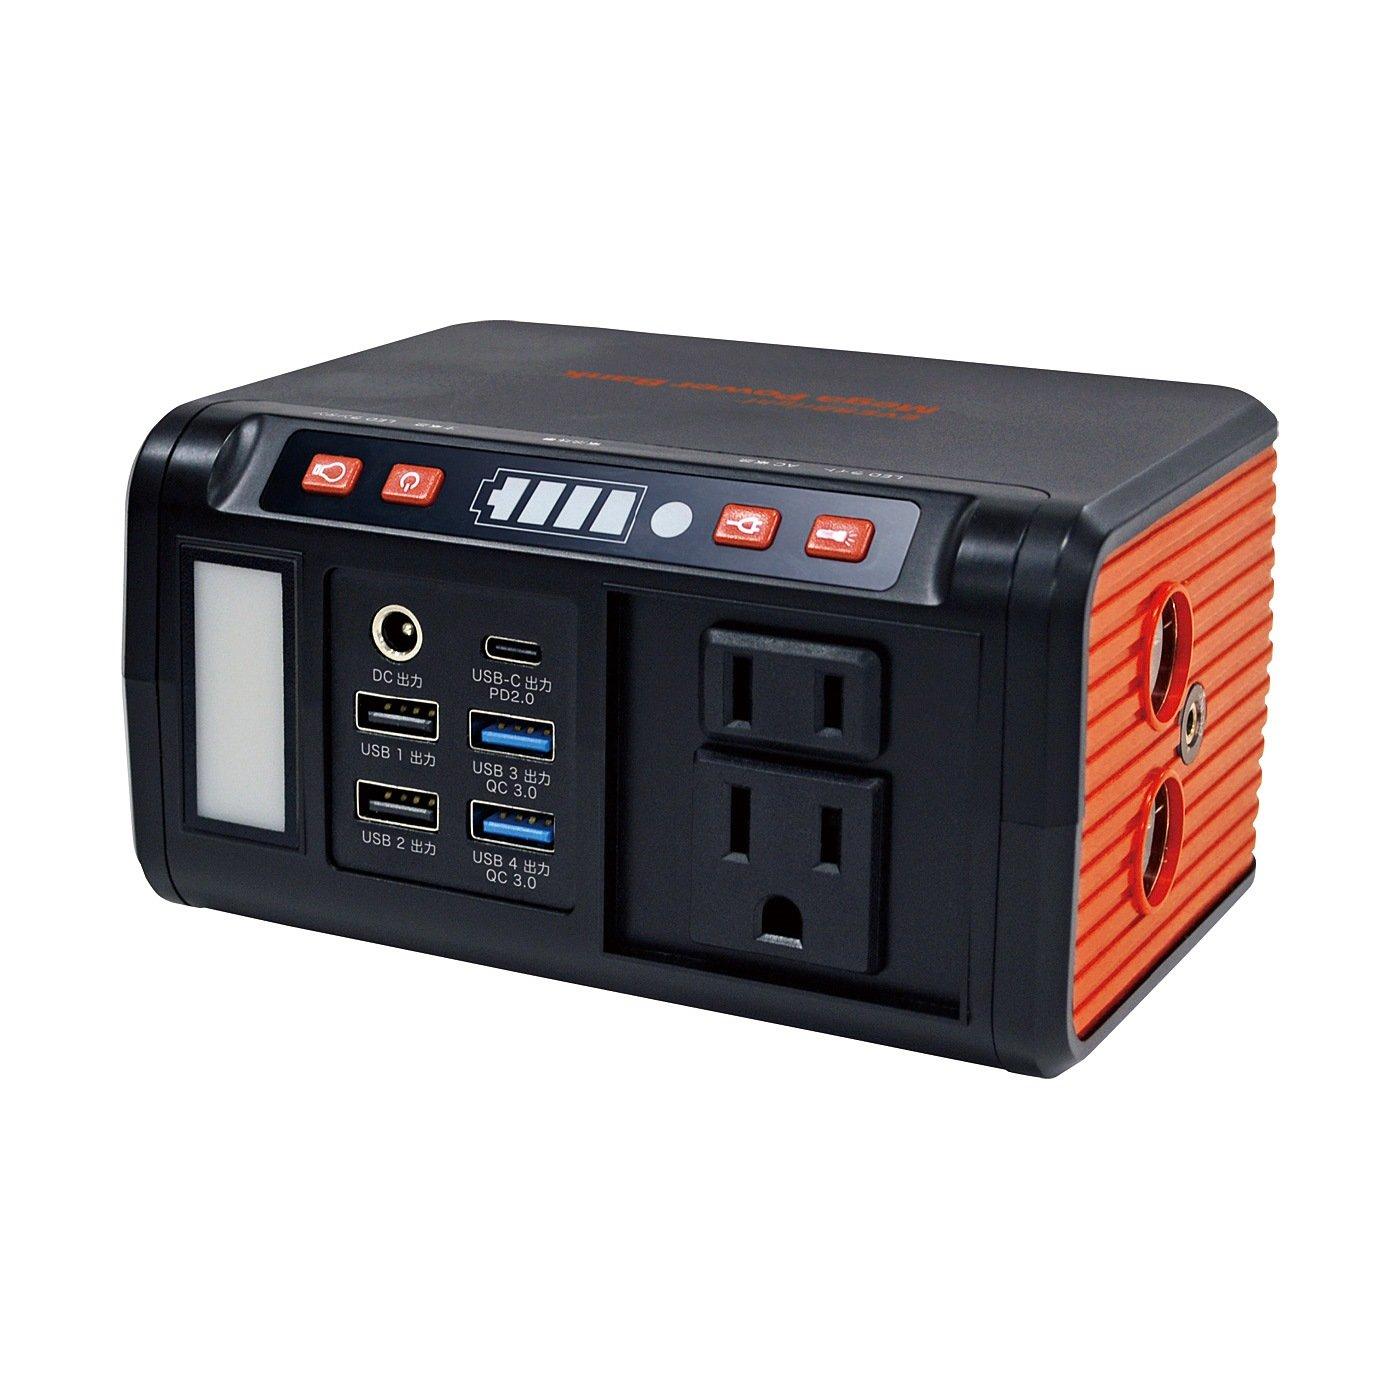 いざというときの電源確保!電池要らずの家庭用小型蓄電池 大容量パワーバンク